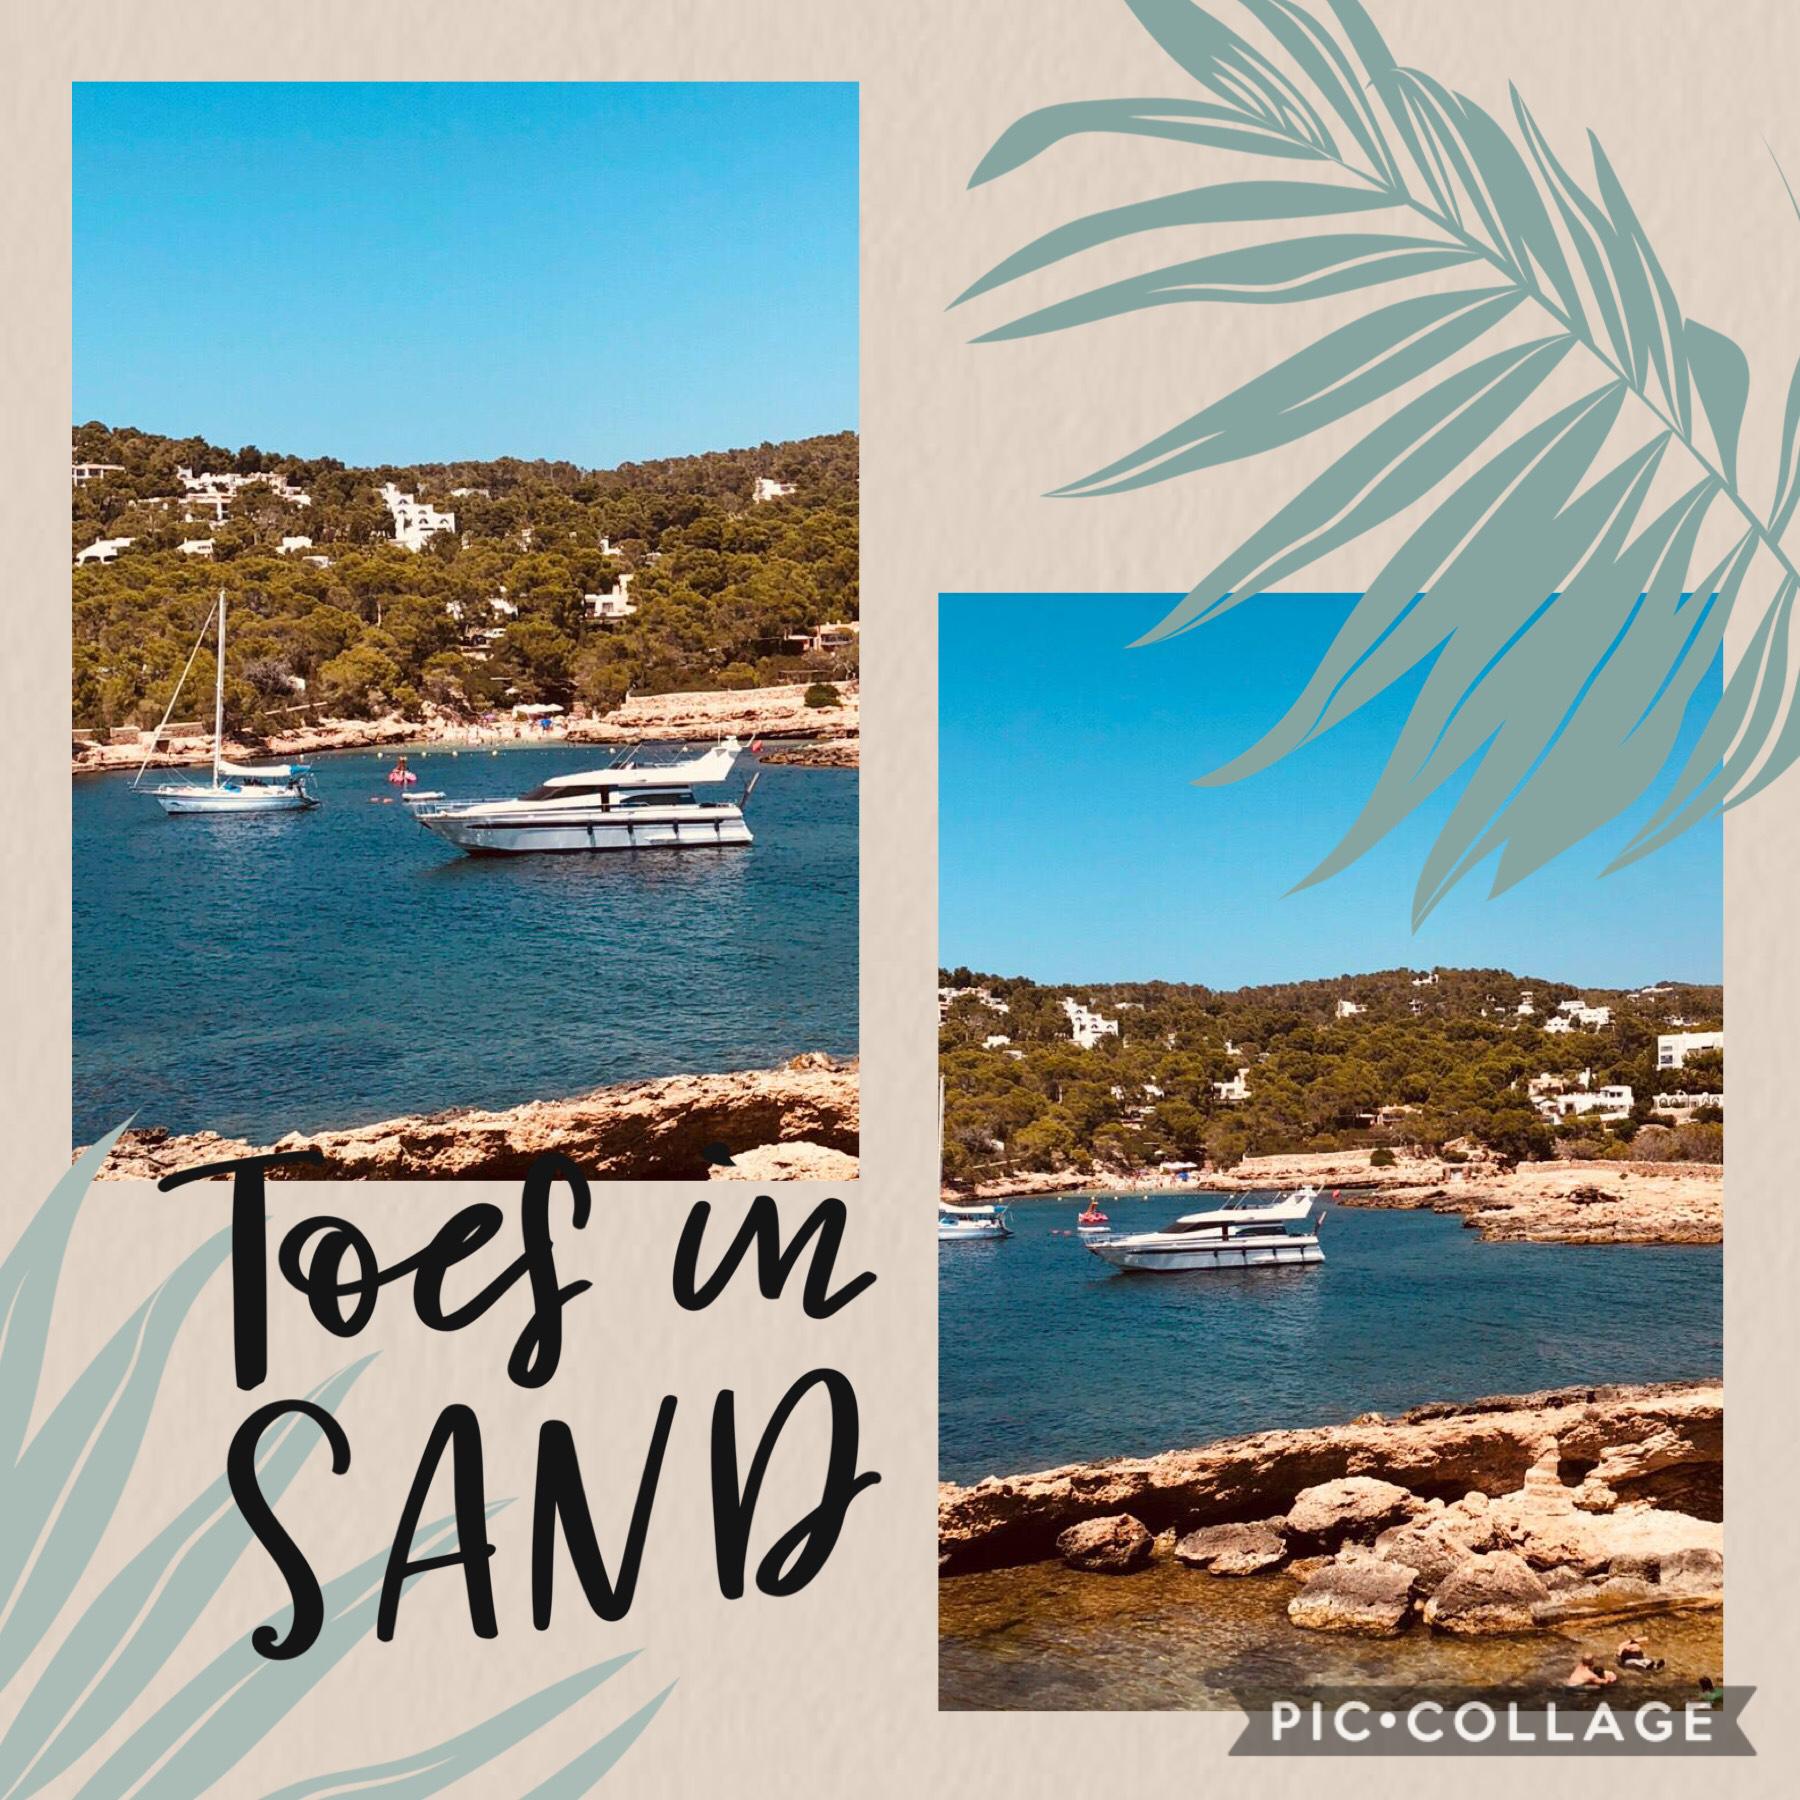 Ibiza cove🏝